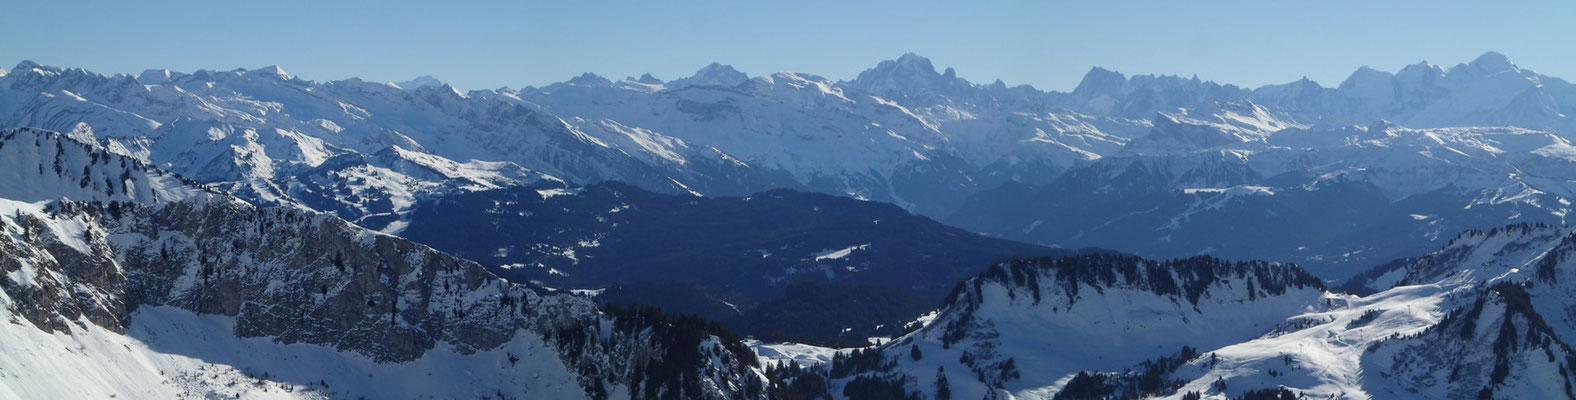 Les vues depuis les différents sommets du massif valent le détour! Ici, en direction du Mt-Blanc